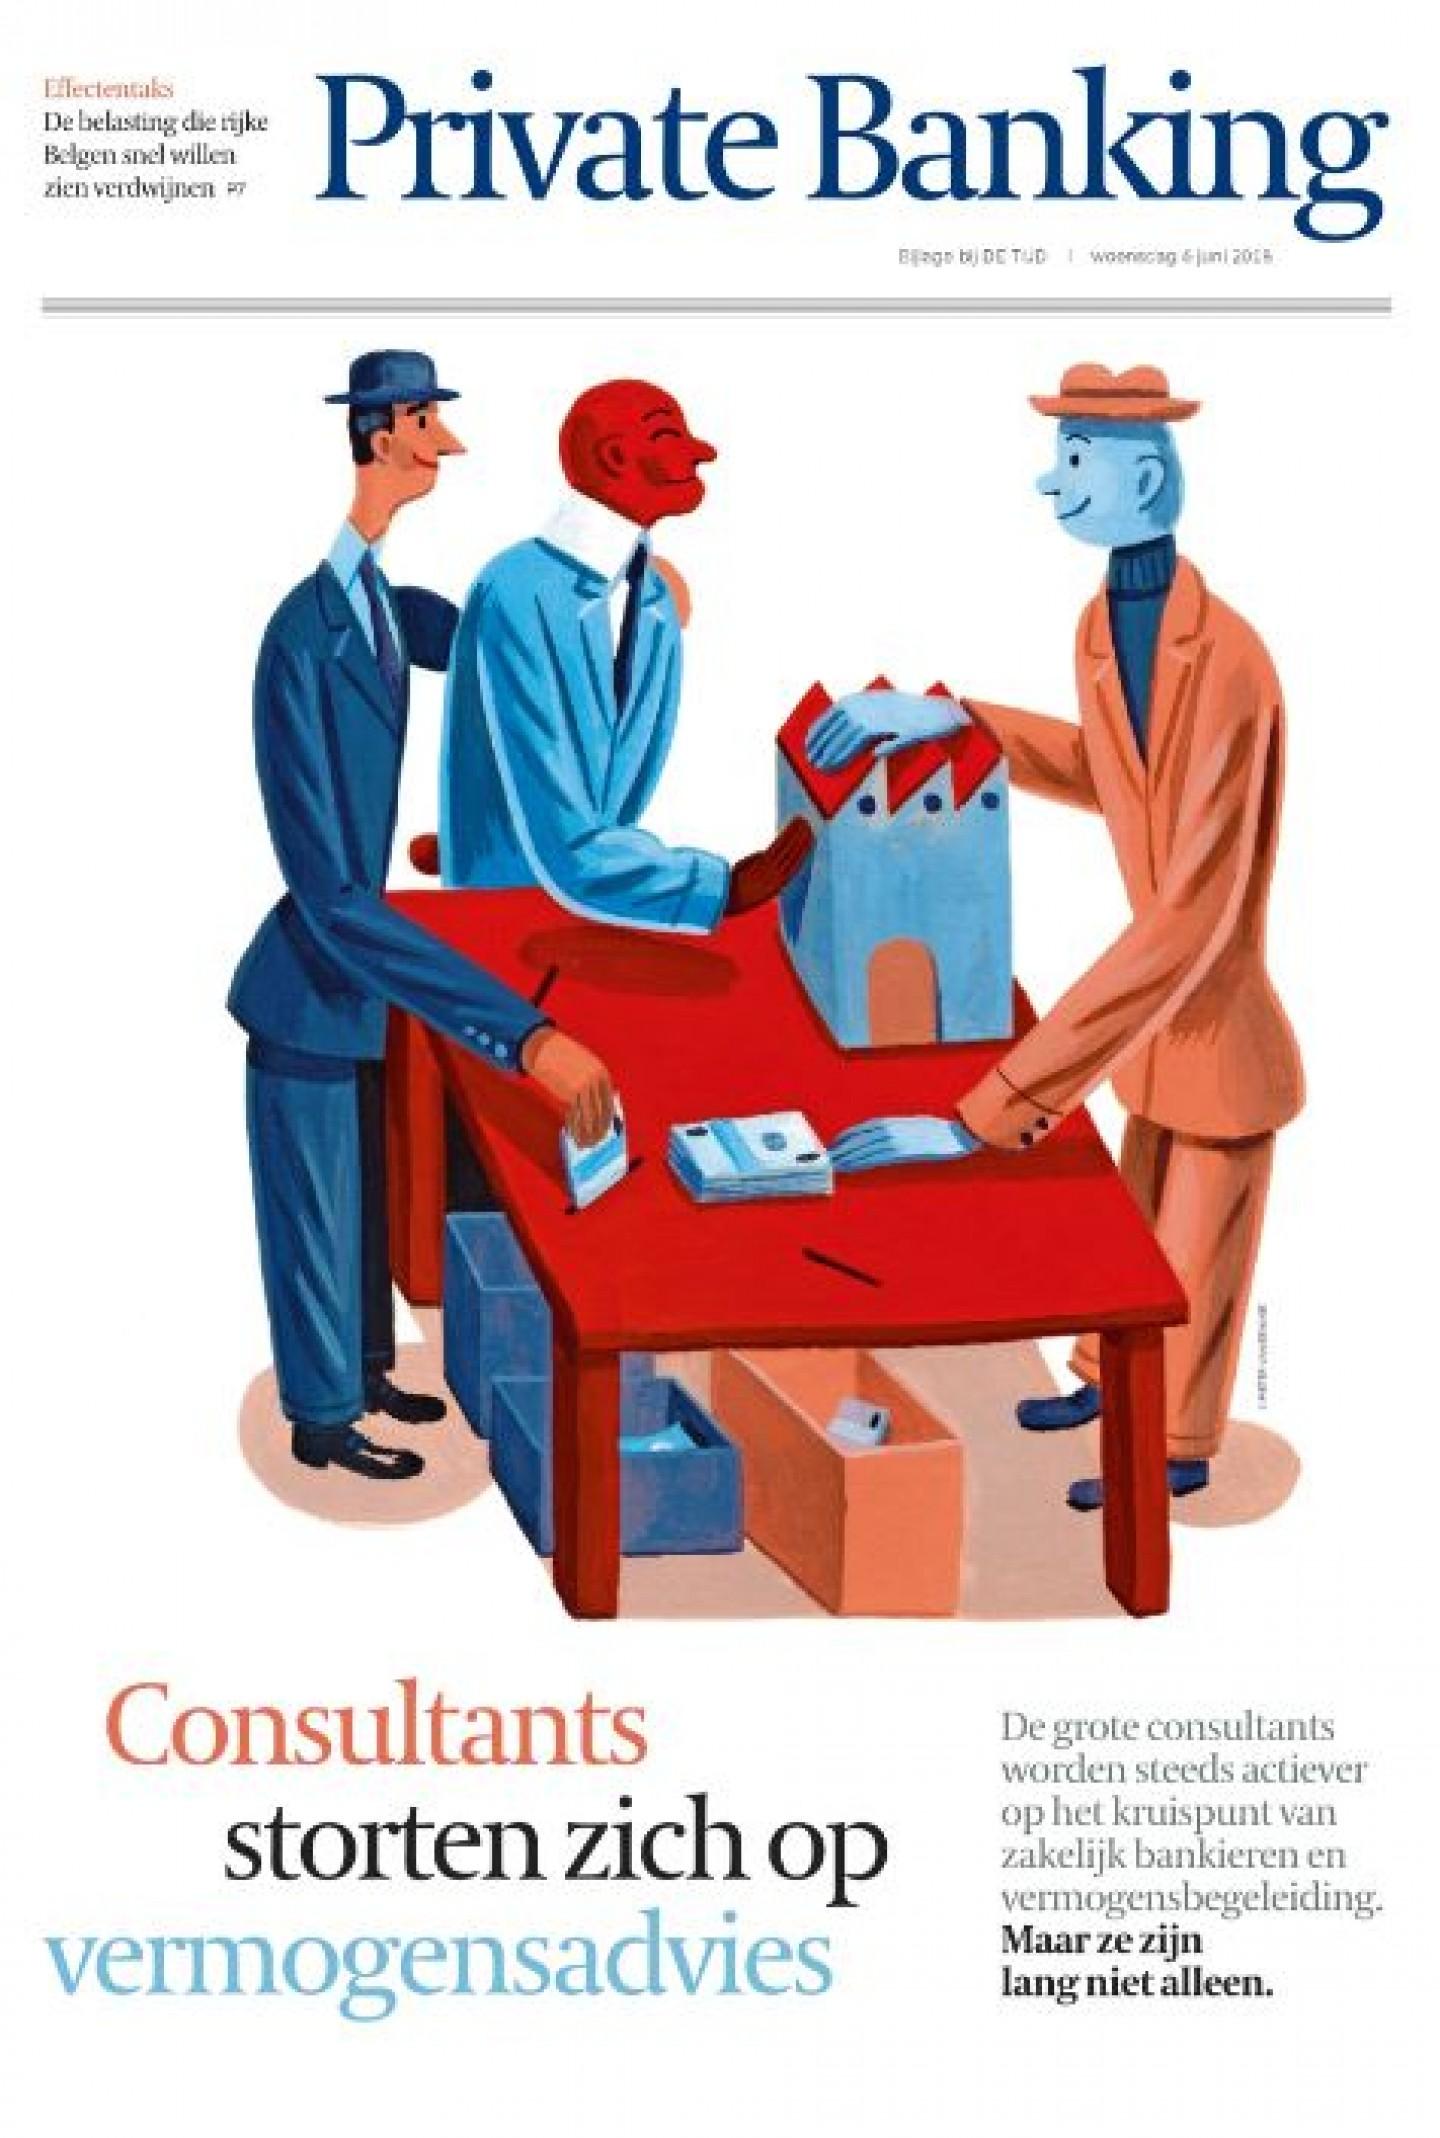 Heeft advies van uw privaat bankier nog een toekomst?